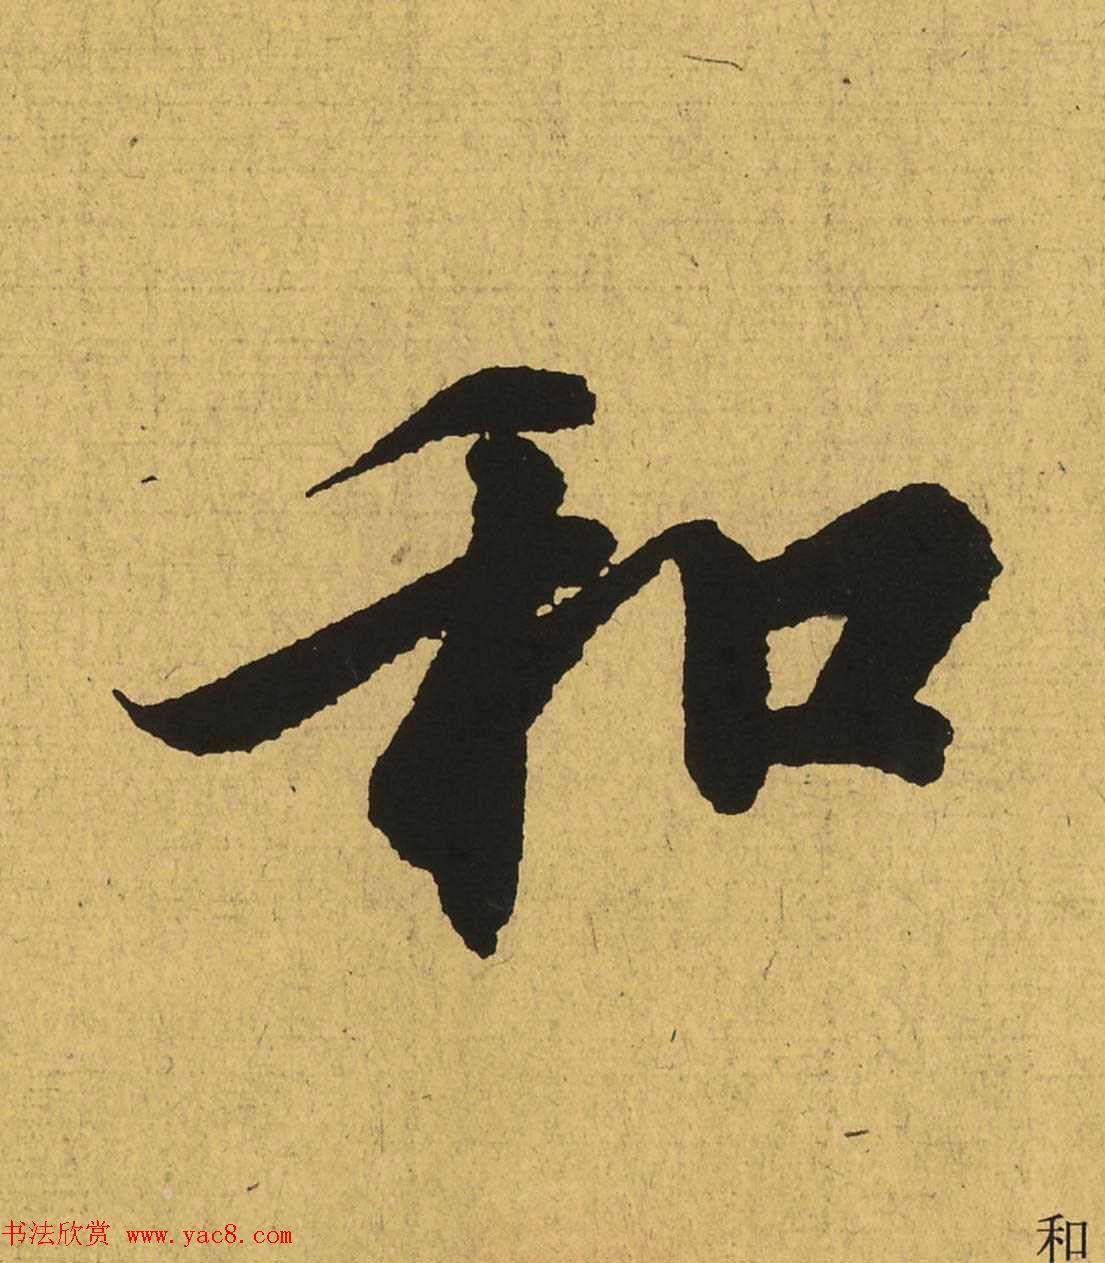 王羲之兰亭集序全文单字高清放大字帖图片